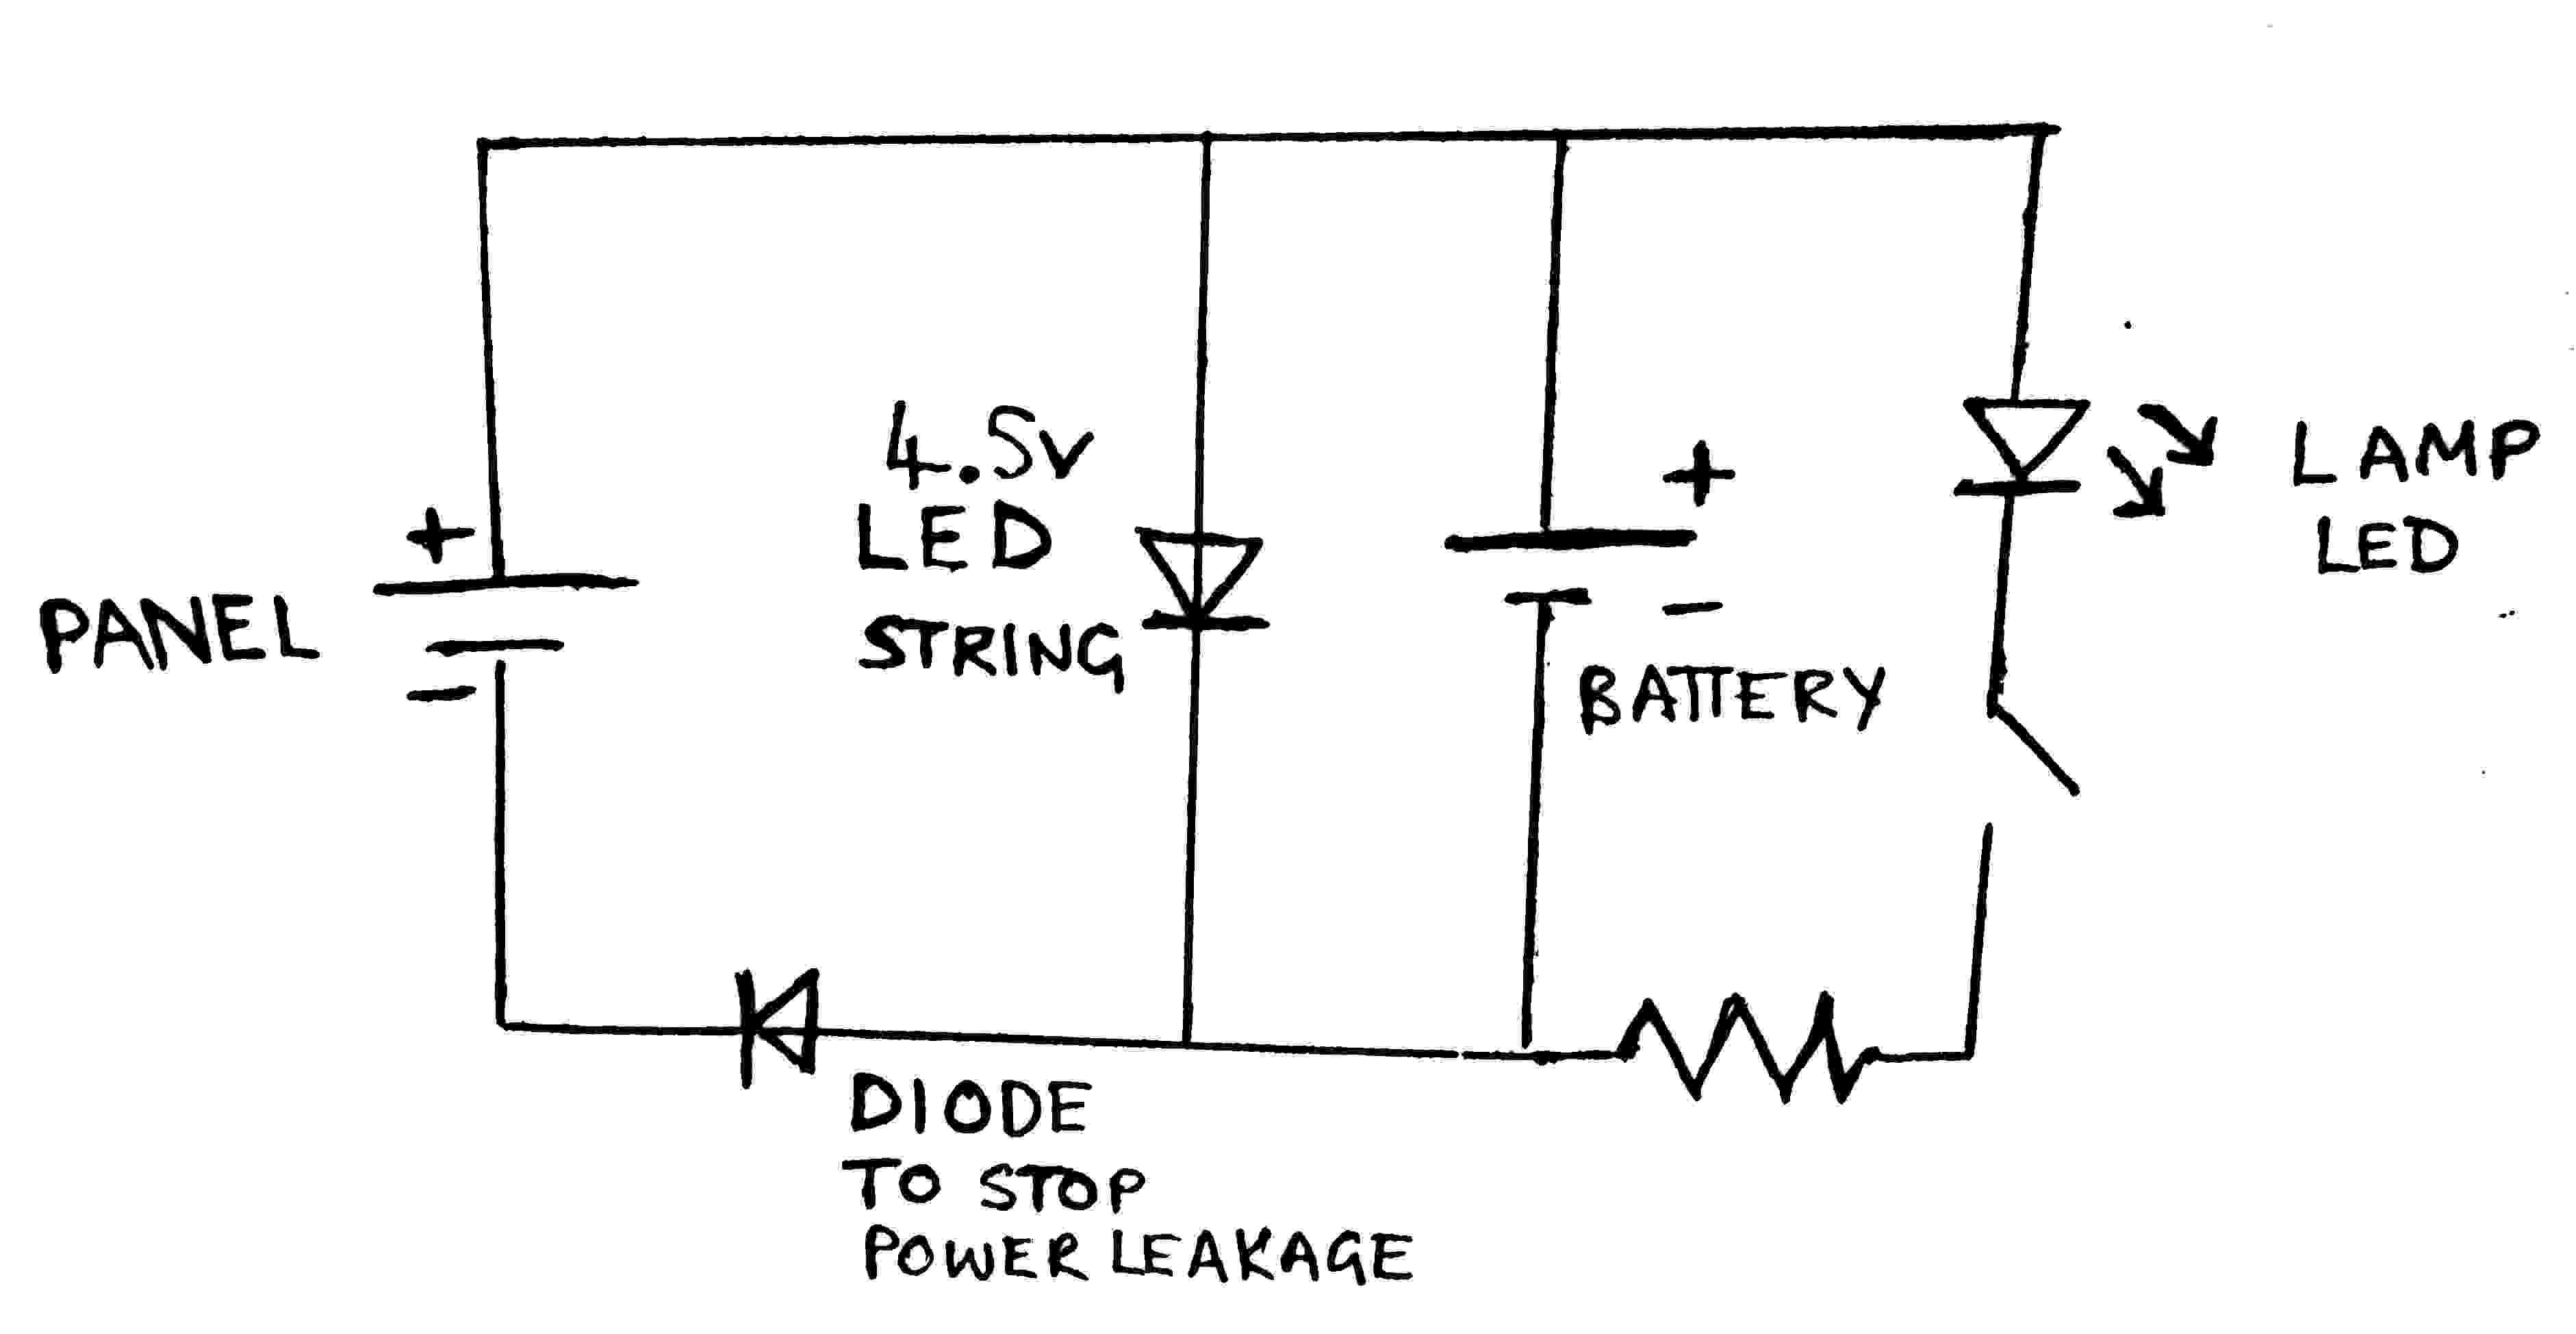 medium resolution of  pen lamp circuit 1 w 400 yamaha starter generator wiring diagram the wiring diagram yamaha starter generator